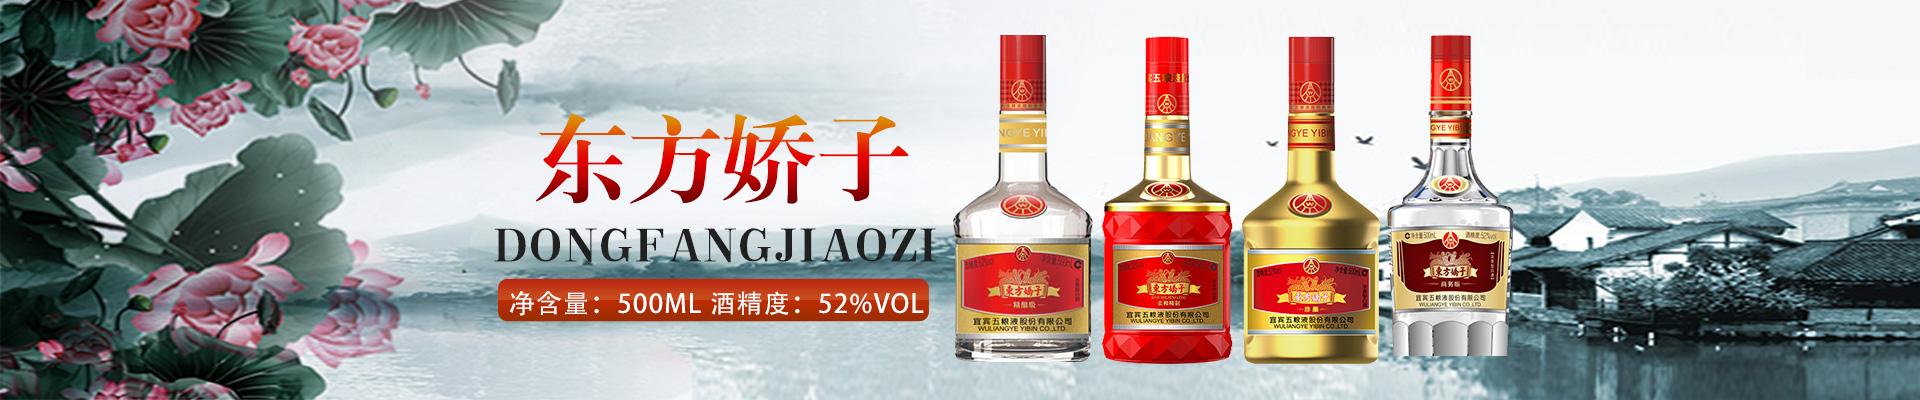 河南玖跃达酒业有限公司